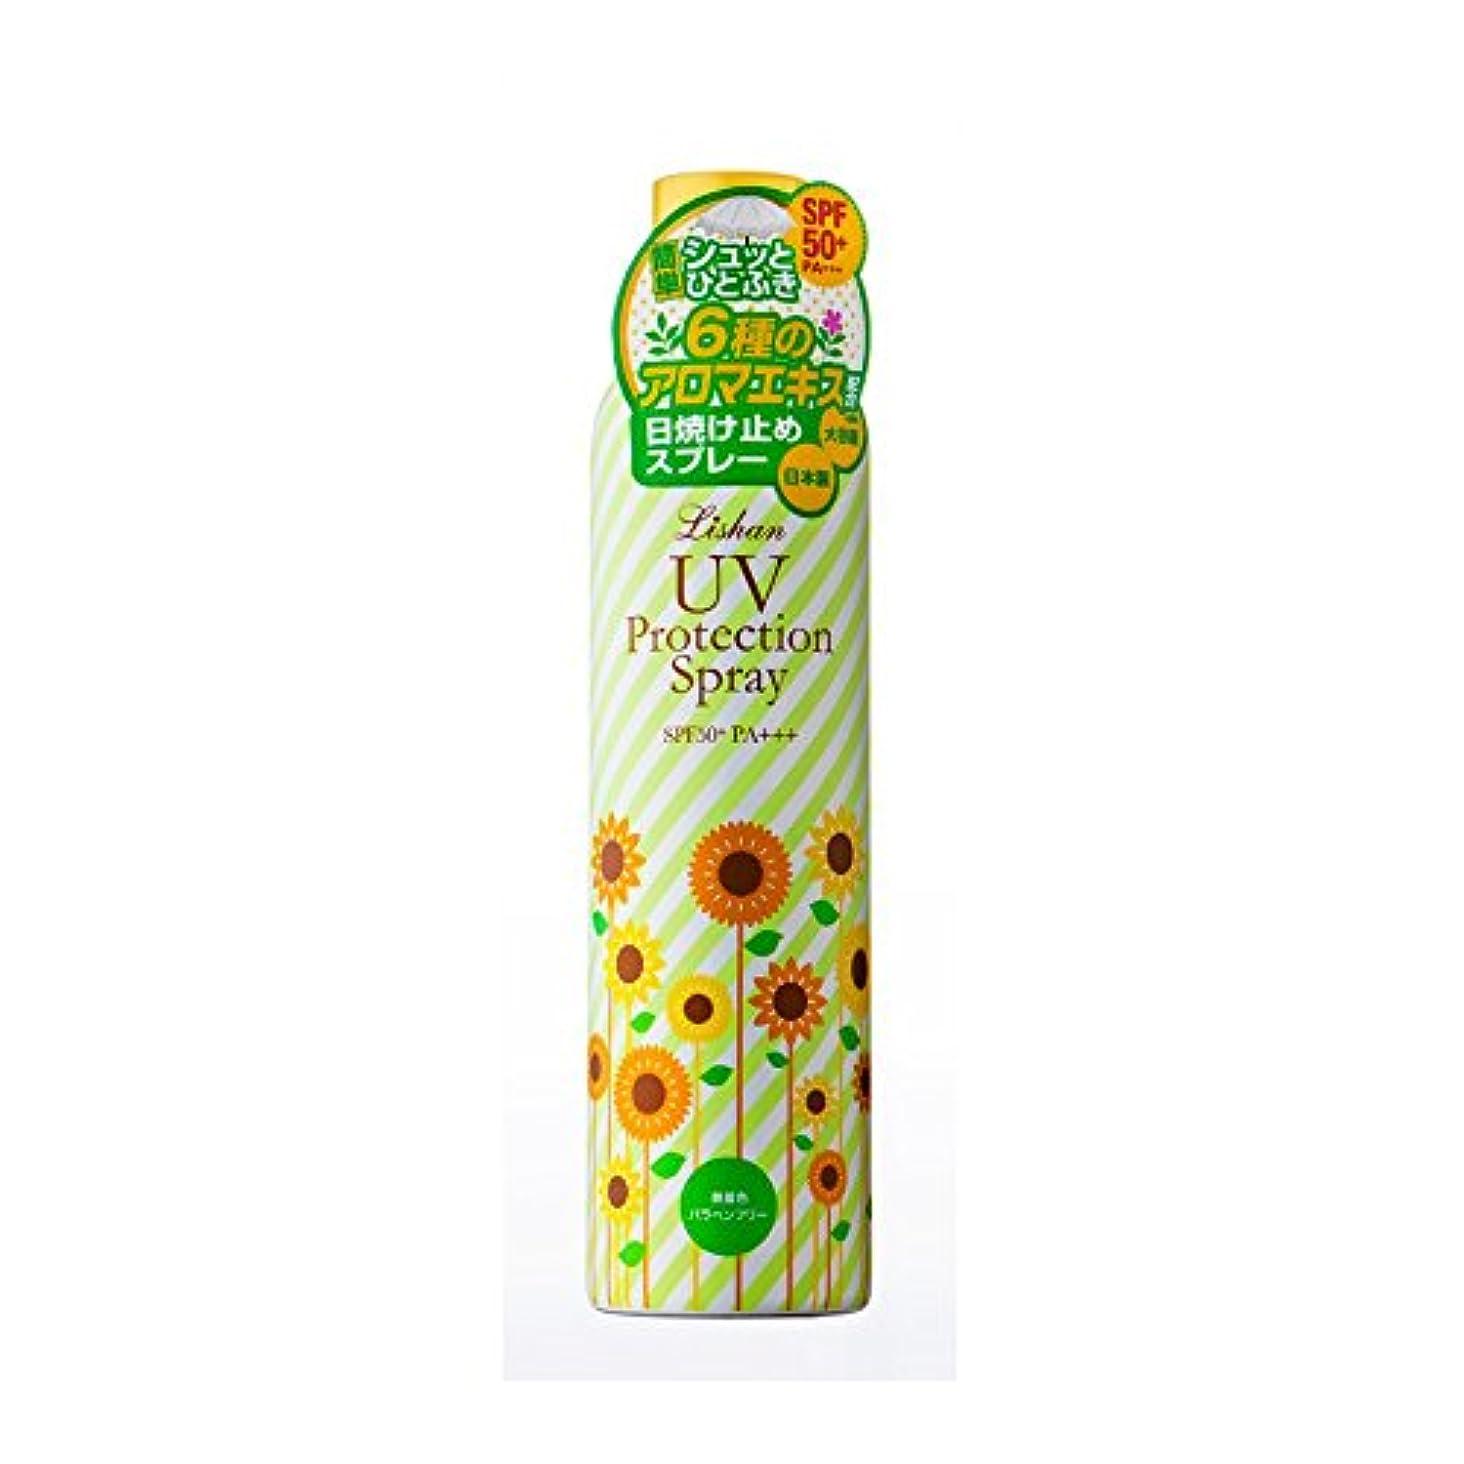 ペインティング従う気分リシャン 大容量UVスプレー アロマミックスの香り (230g)